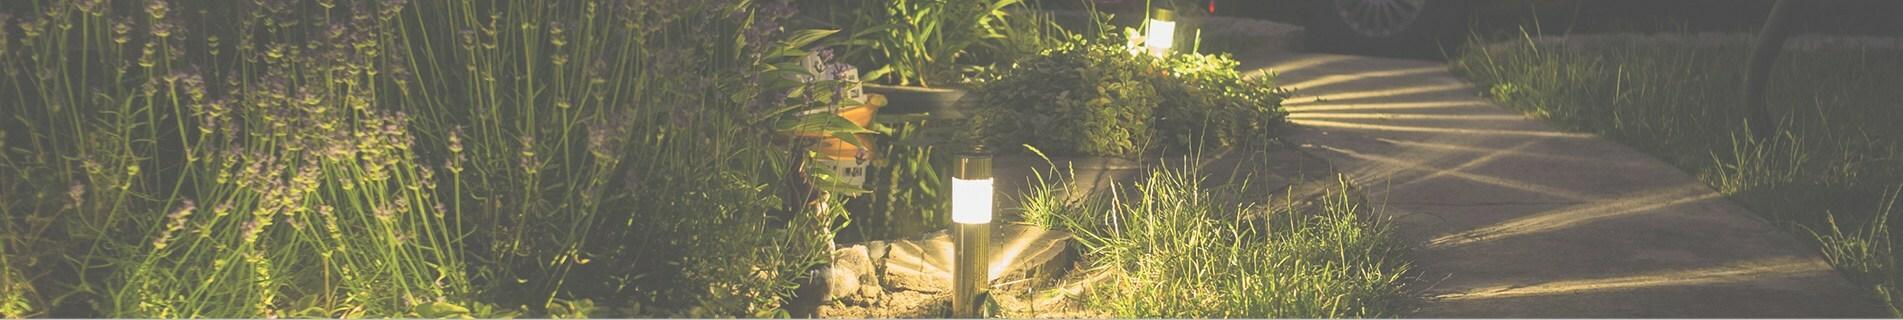 Garden and Deck Lighting